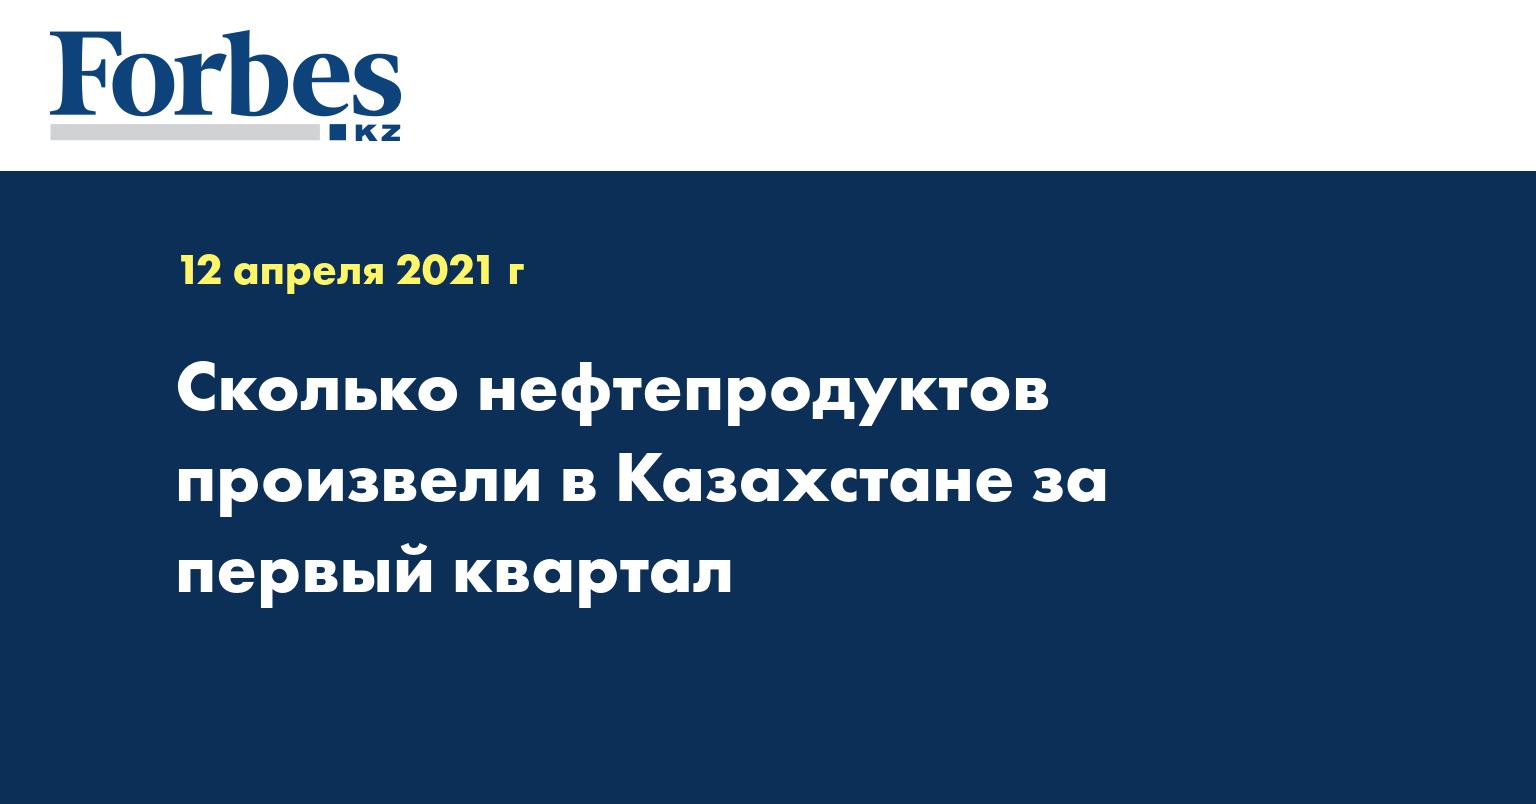 Сколько нефтепродуктов произвели в Казахстане за первый квартал